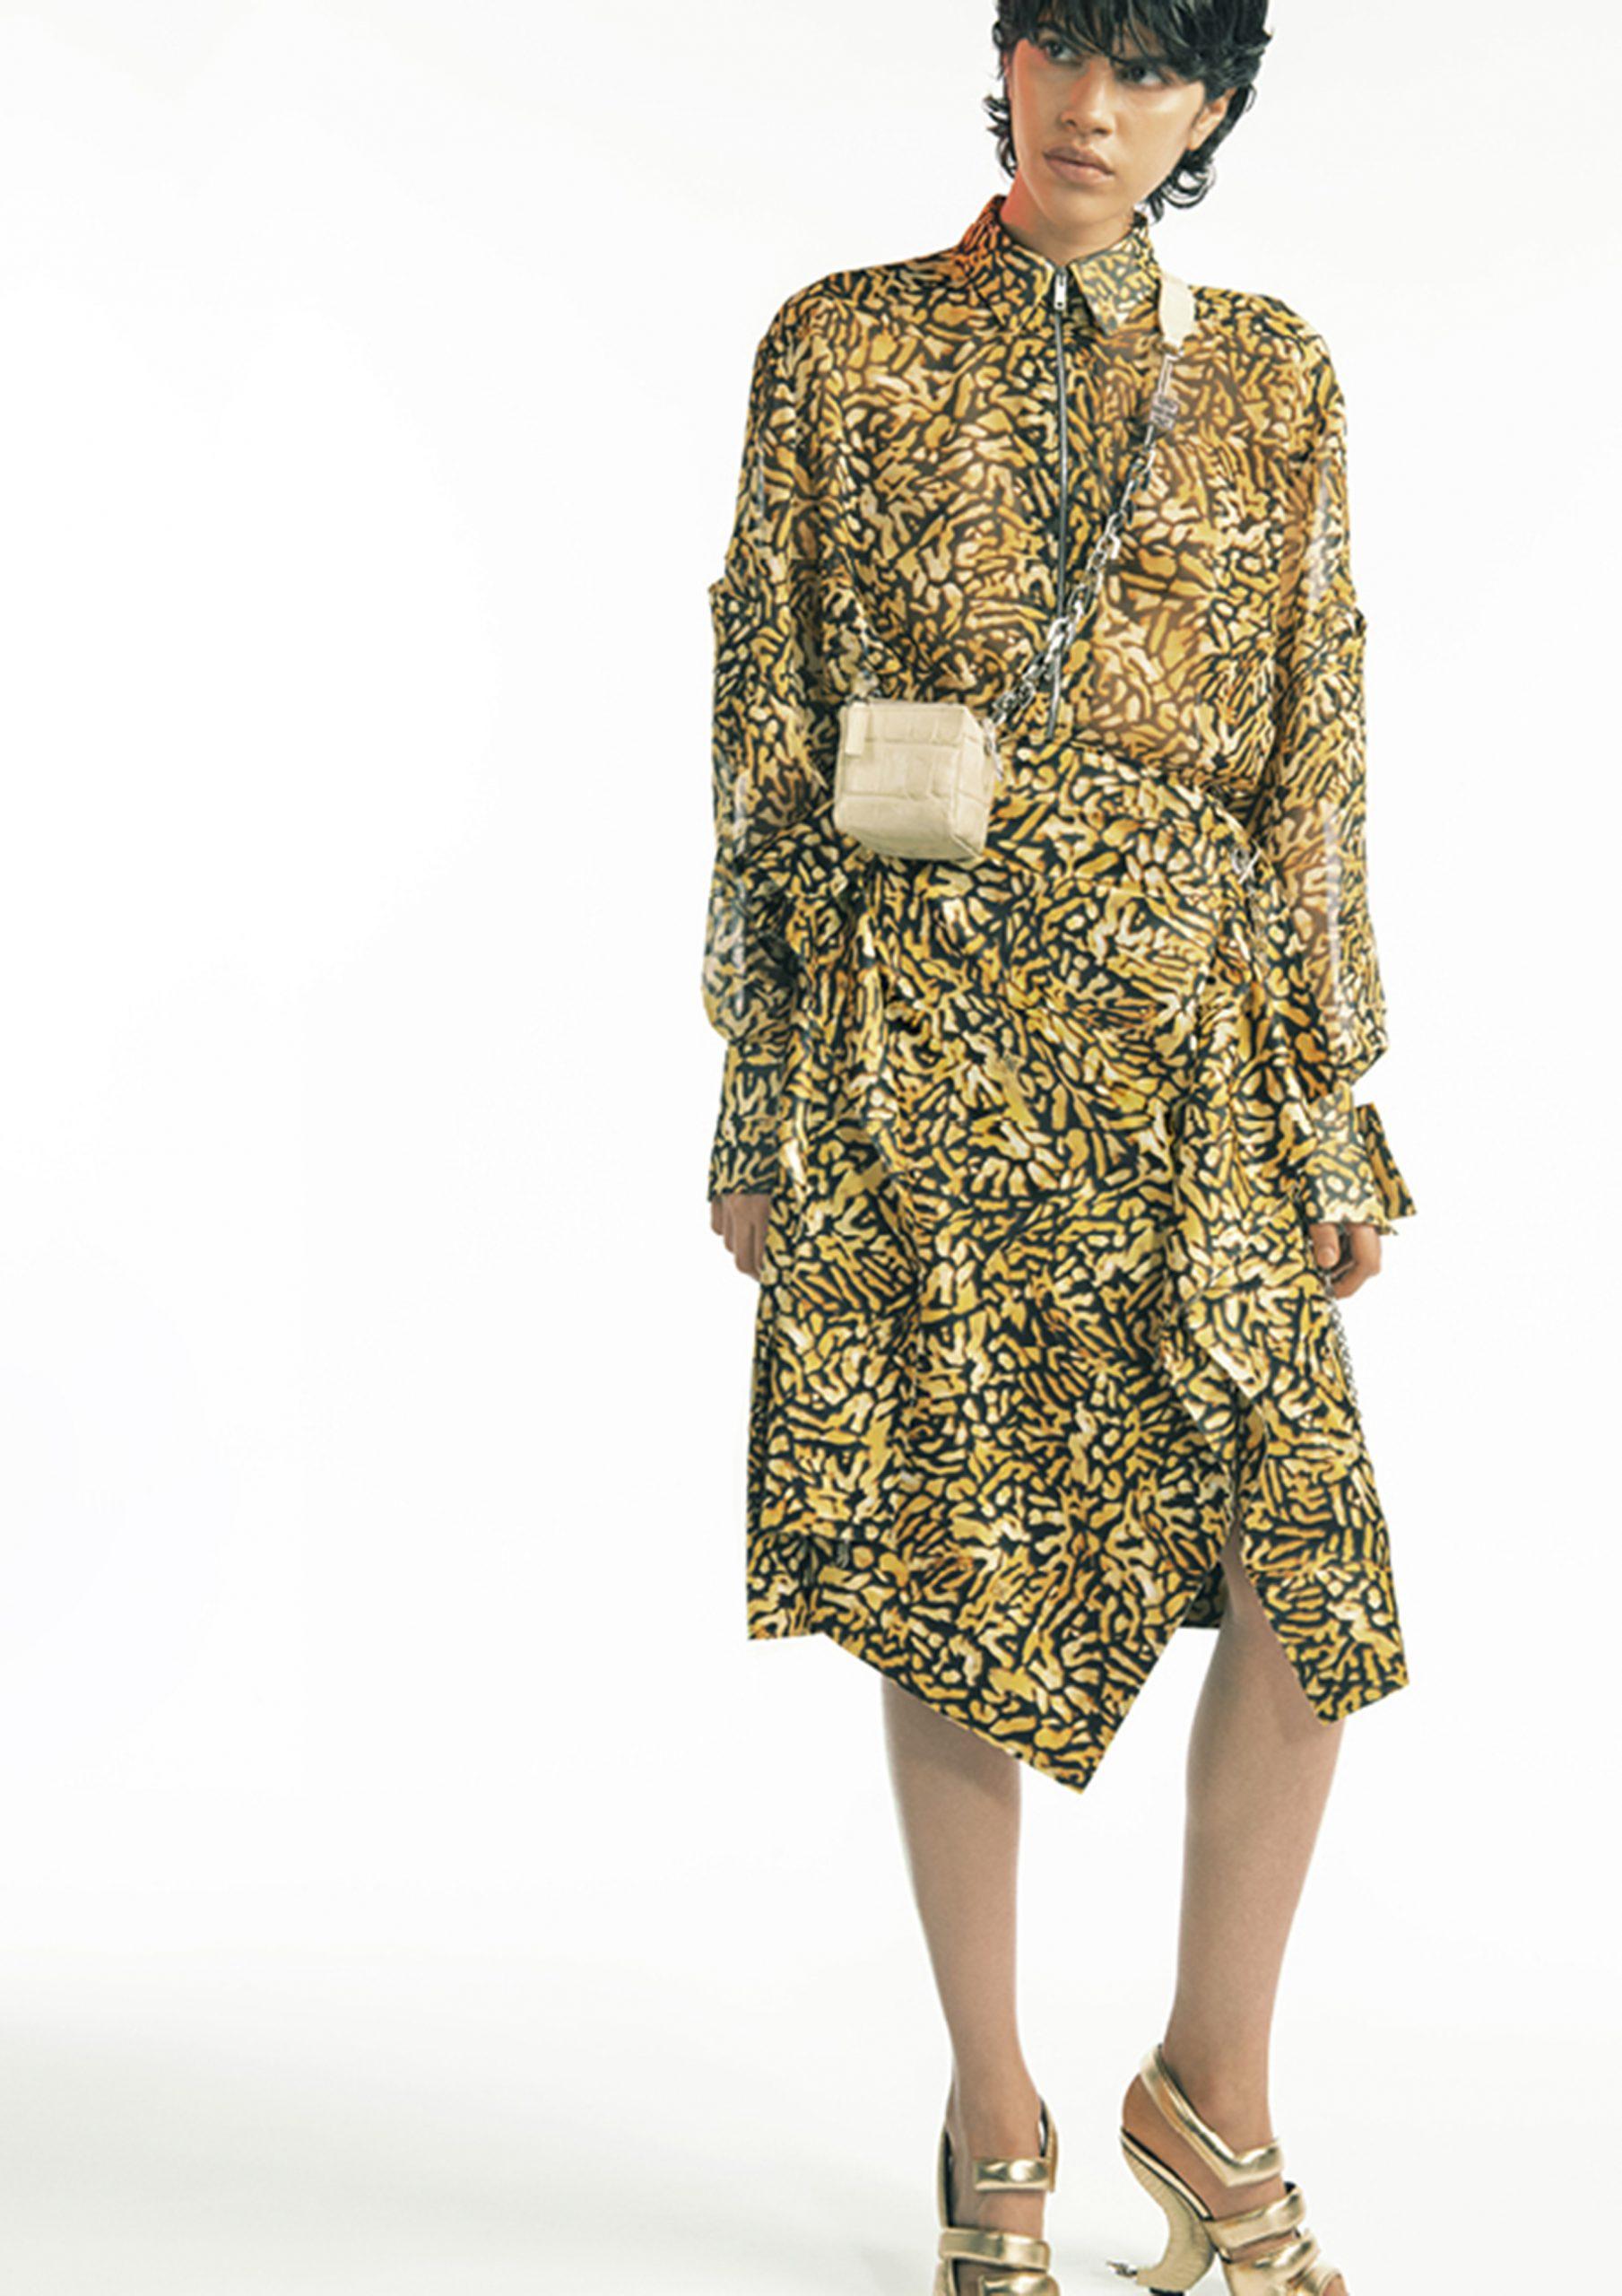 8. kép: Párizsi divathét - 2021 tavasz-nyár - ready to wear - Givenchy